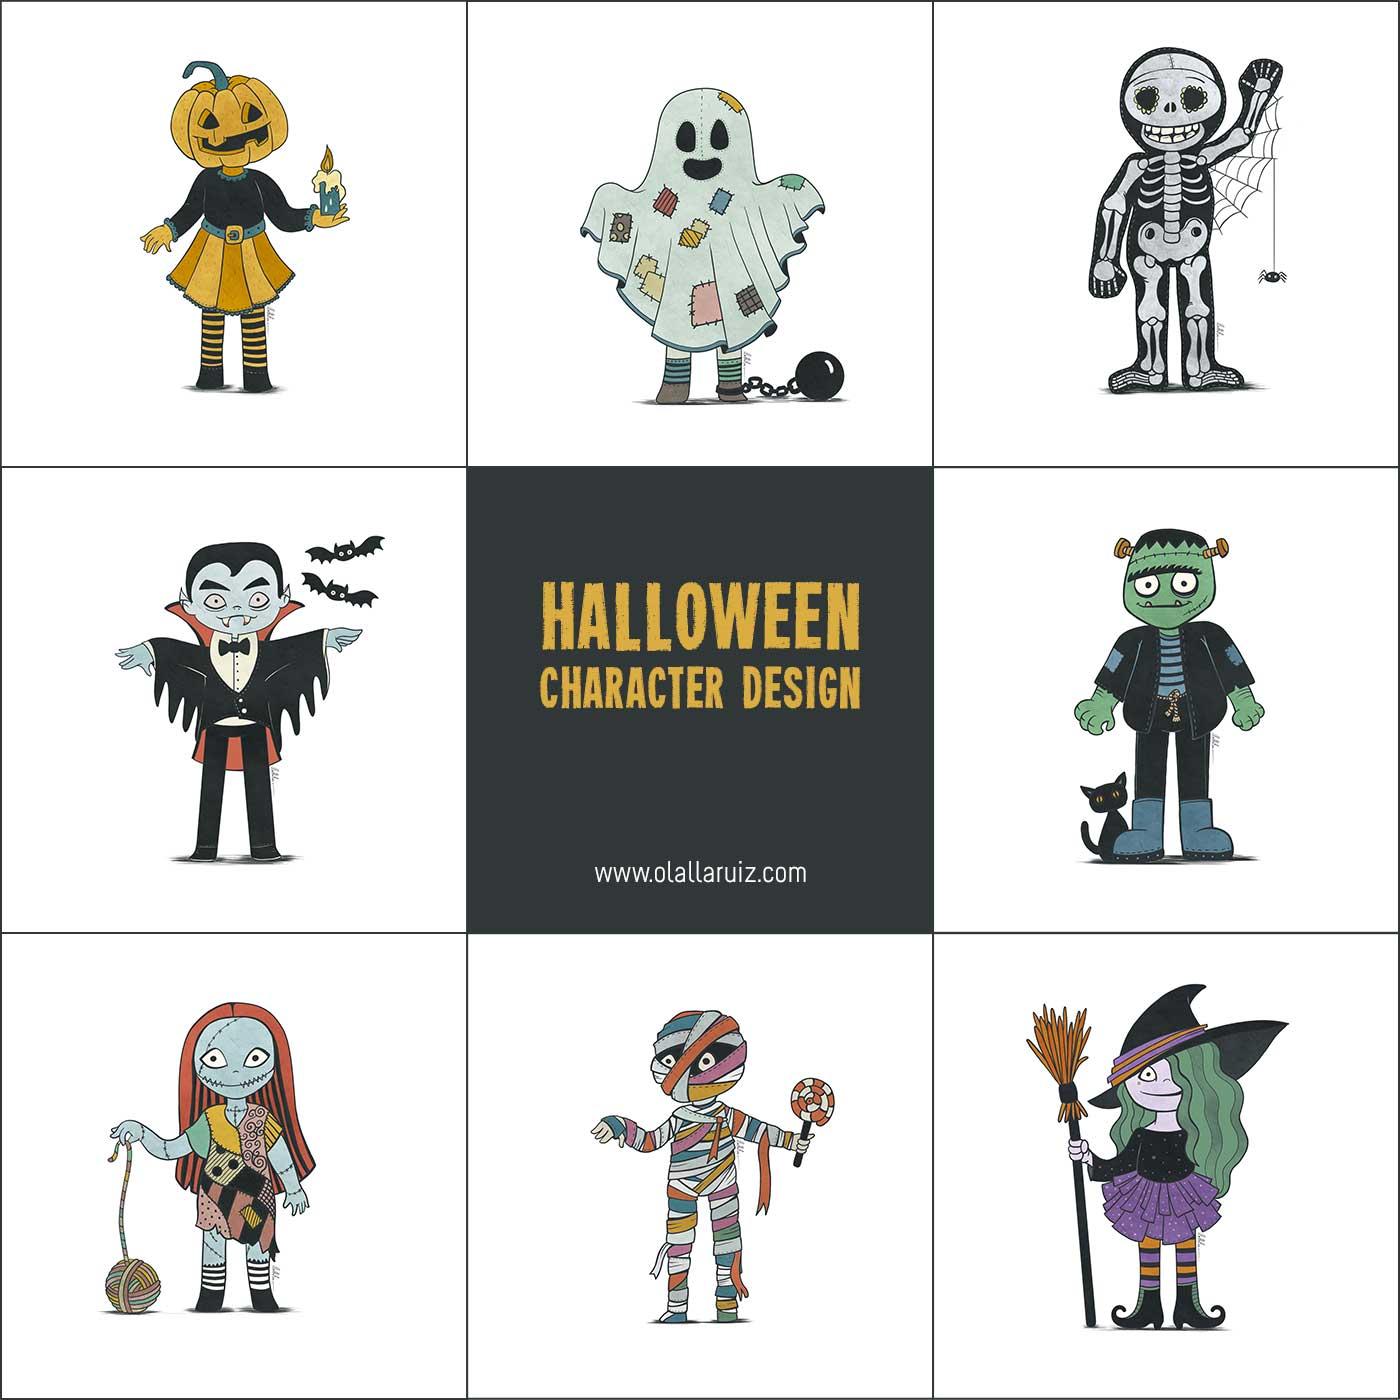 Halloween Character Design: pumpkin, ghost, skeleton, vampire, frankenstein, sally, mummy, witch